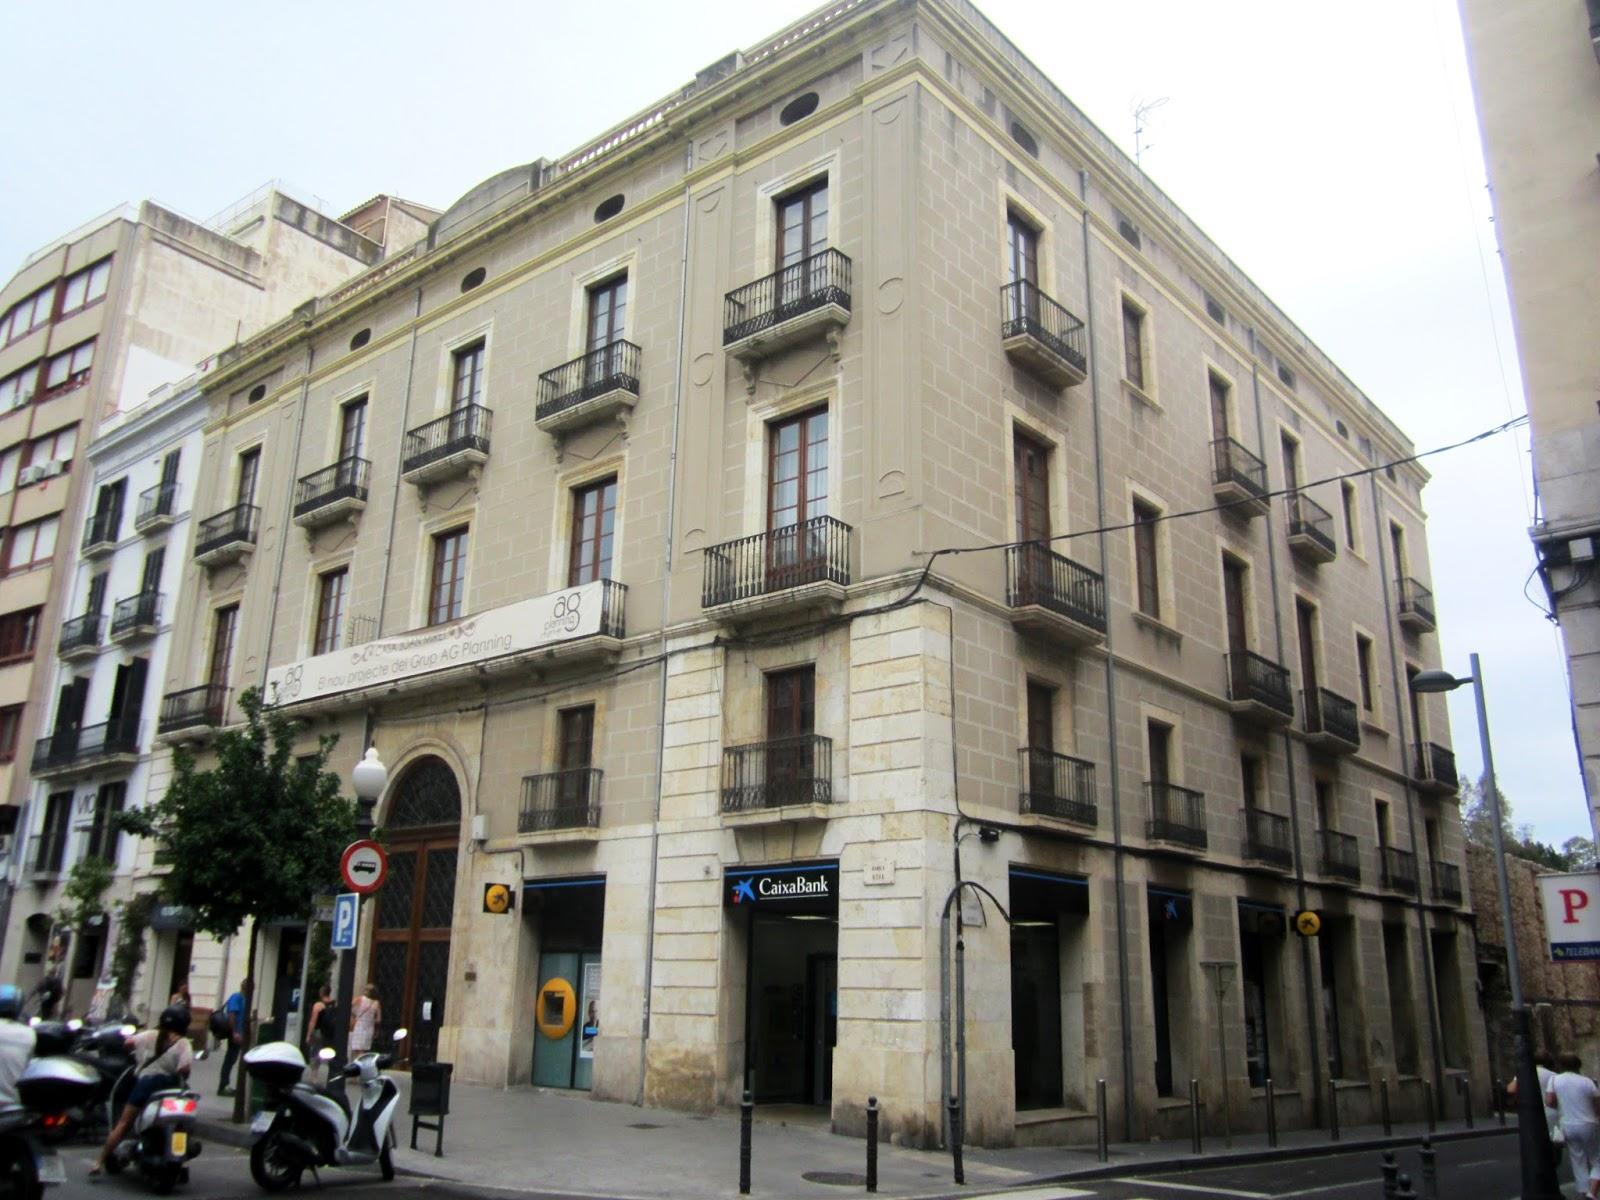 Redescubriendo barcelona y m s all 29 08 2016 tarragona - Casa miret tarragona ...